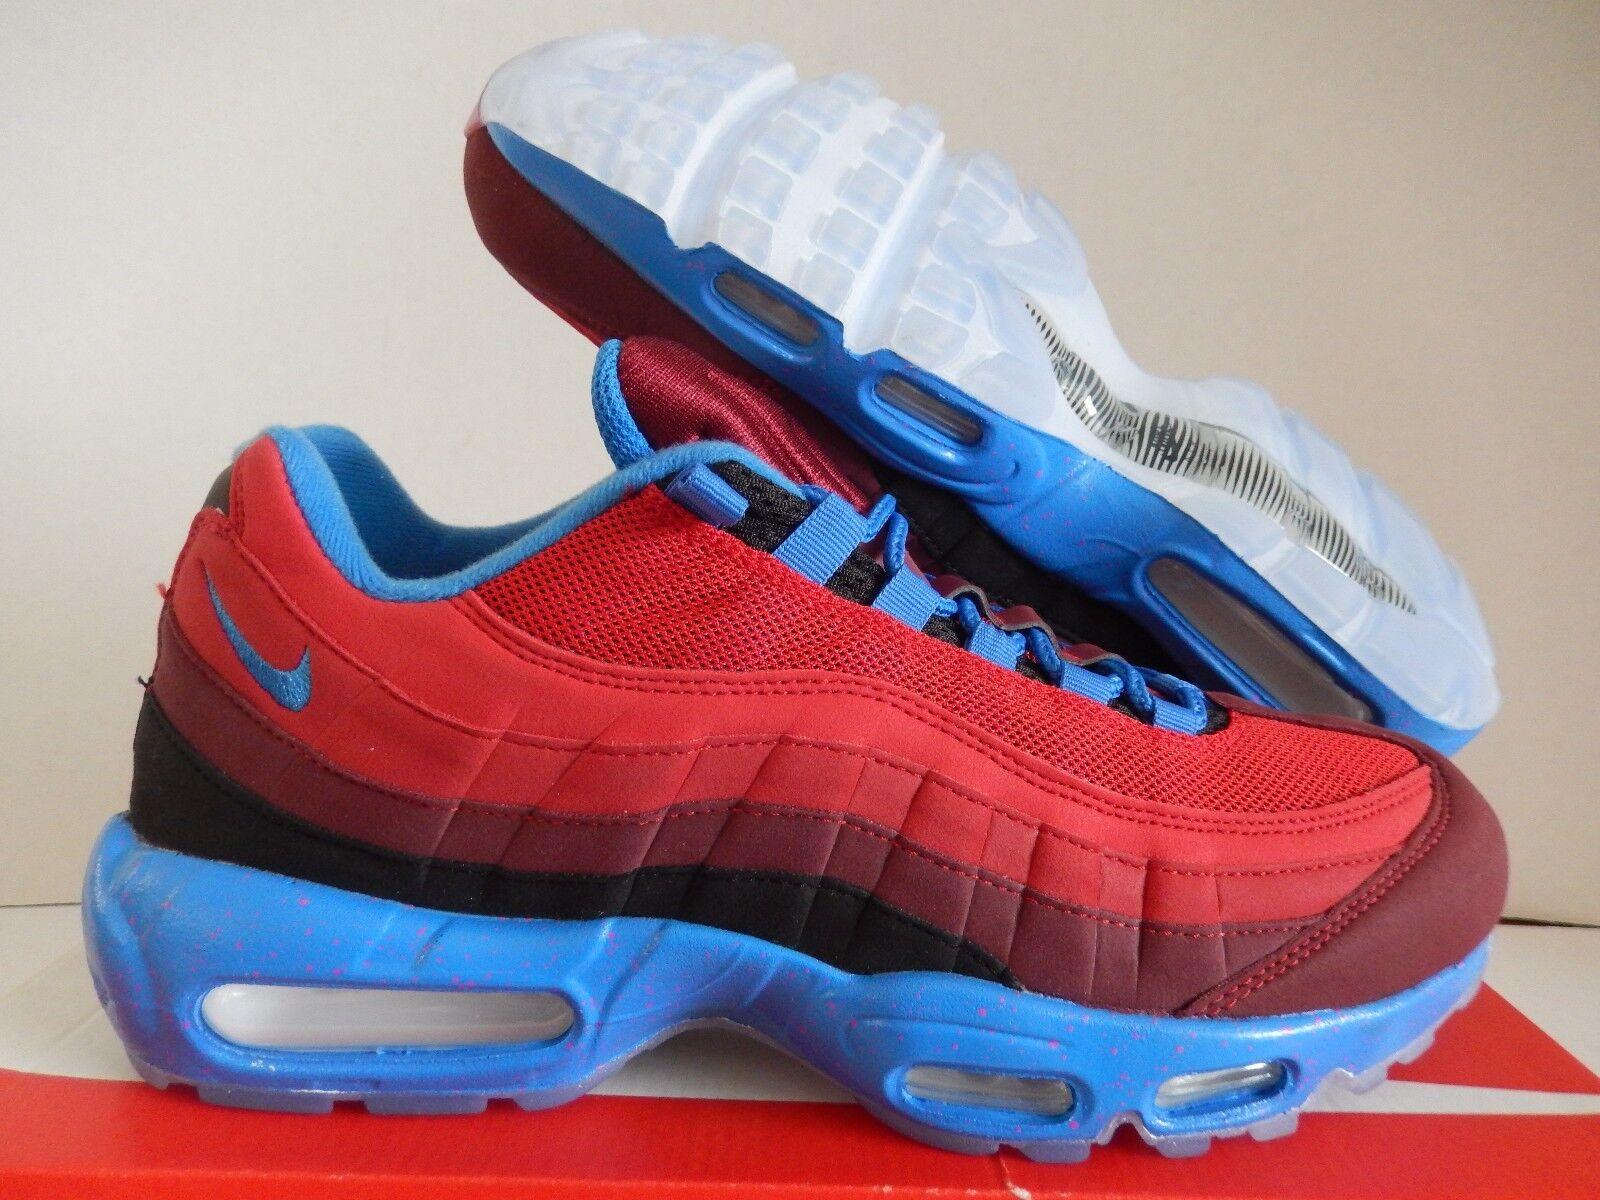 NIKE AIR MAX 95 ID RED-RED-BLACK-blueE SZ 11.5 WOMENS-MENS SZ 10 [818593-996]